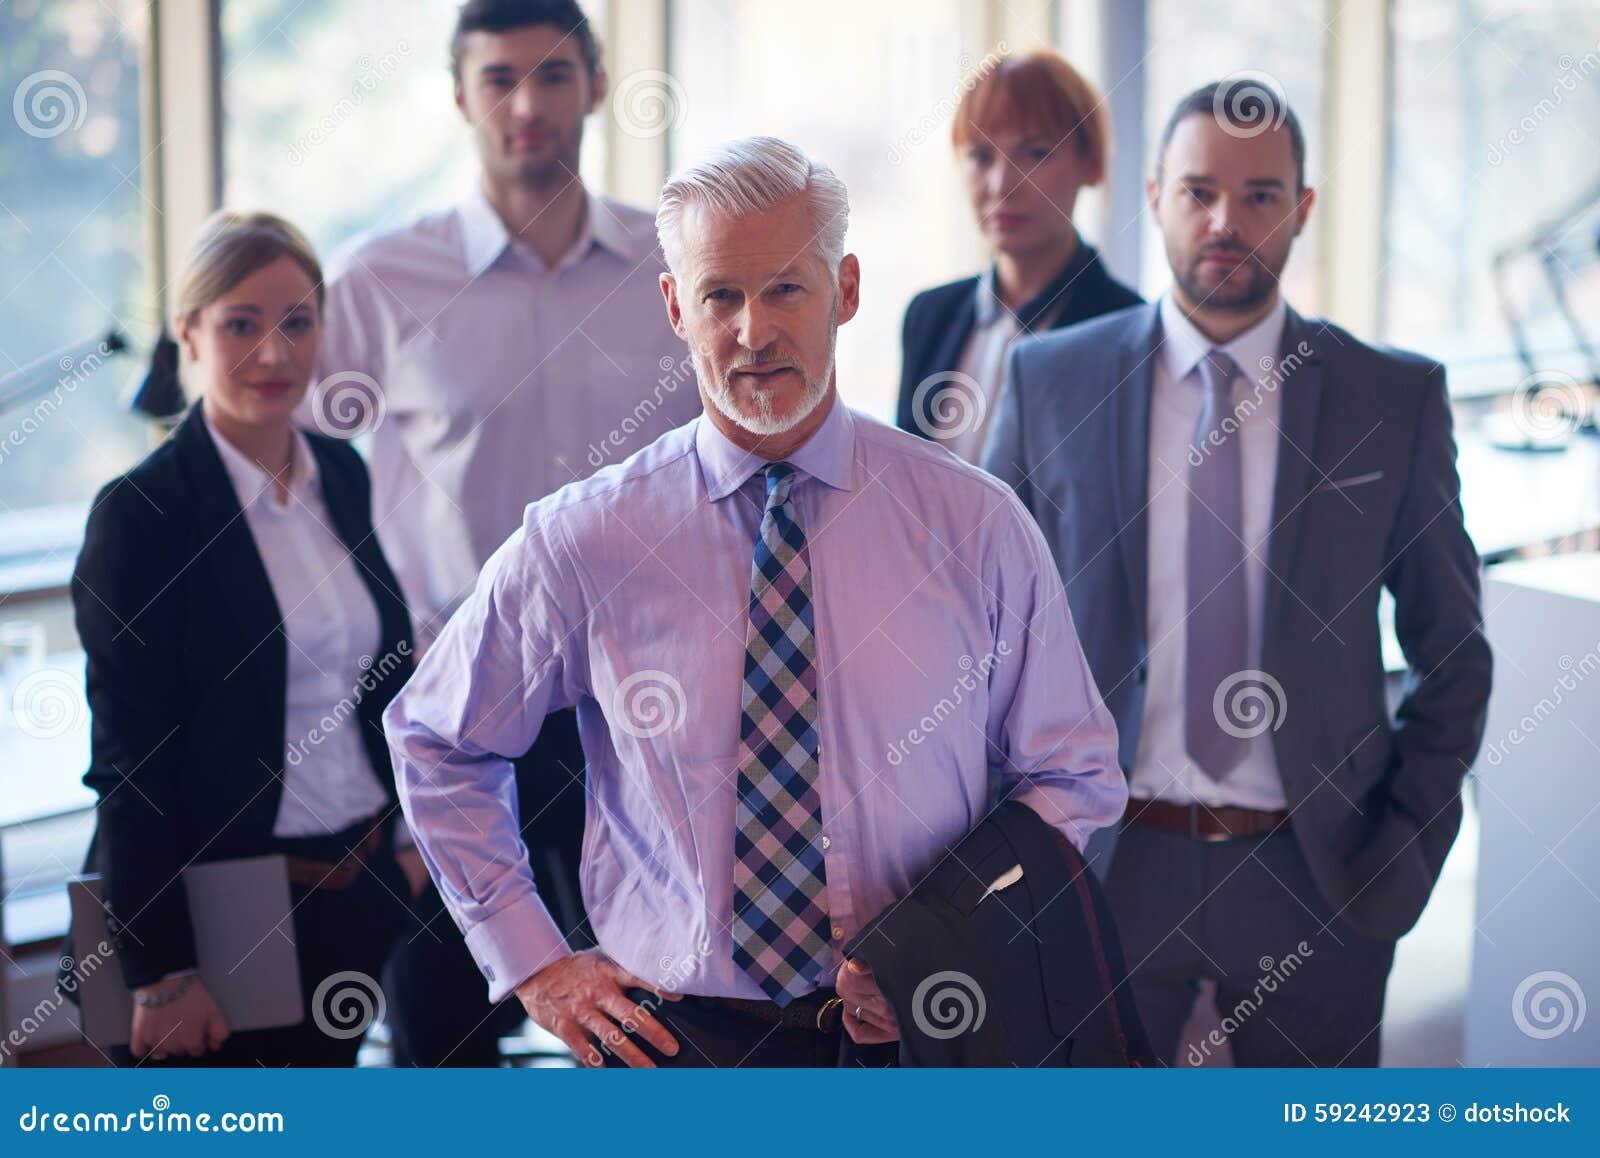 Download Hombre De Negocios Mayor Con Su Equipo En La Oficina Imagen de archivo - Imagen de moderno, dentro: 59242923